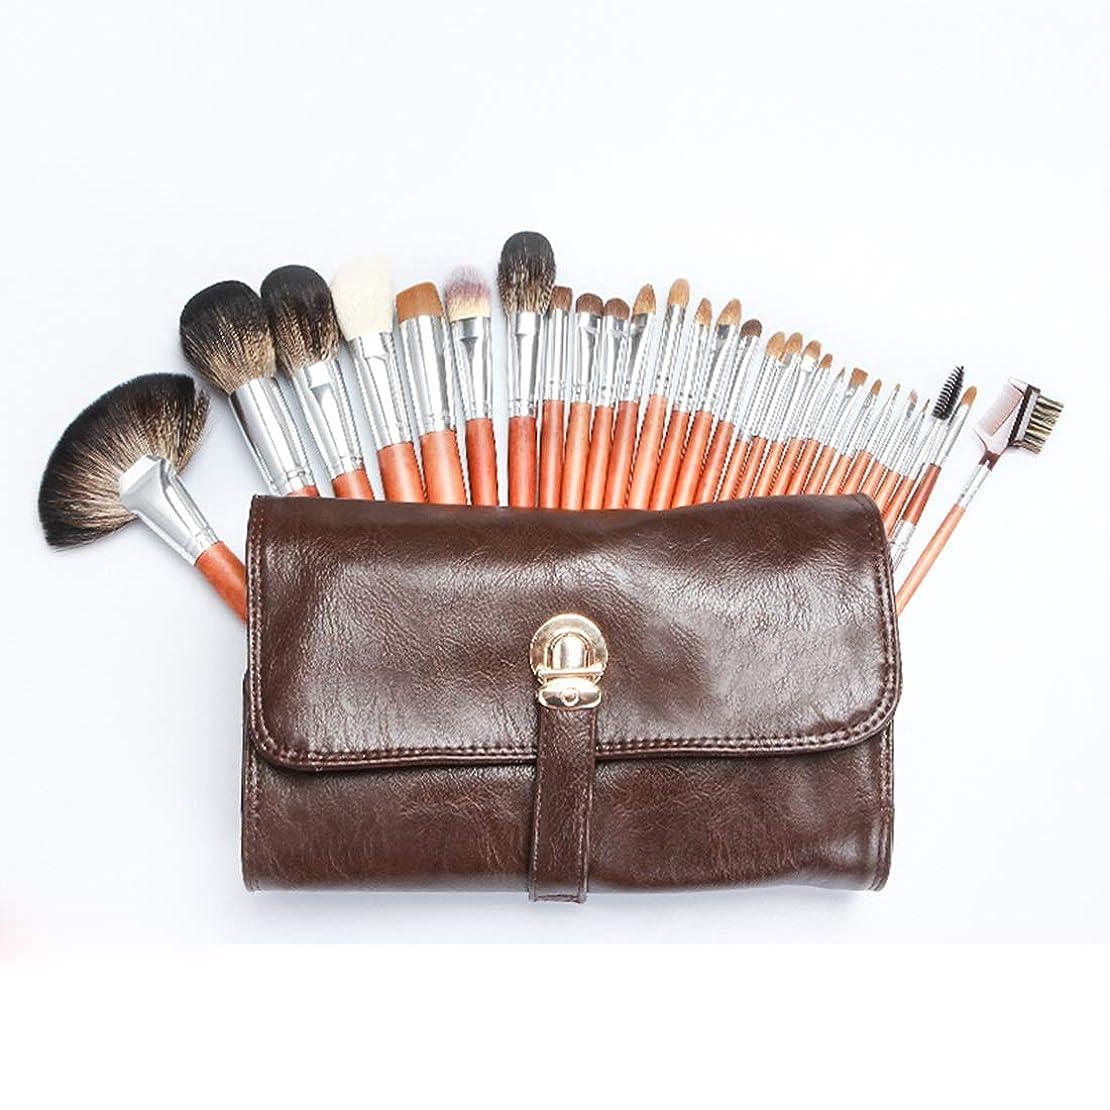 ストレンジャー人種アッティカスMengY オオカミのヘアブラシセット調節可能な化粧道具 (色 : 28-piece)